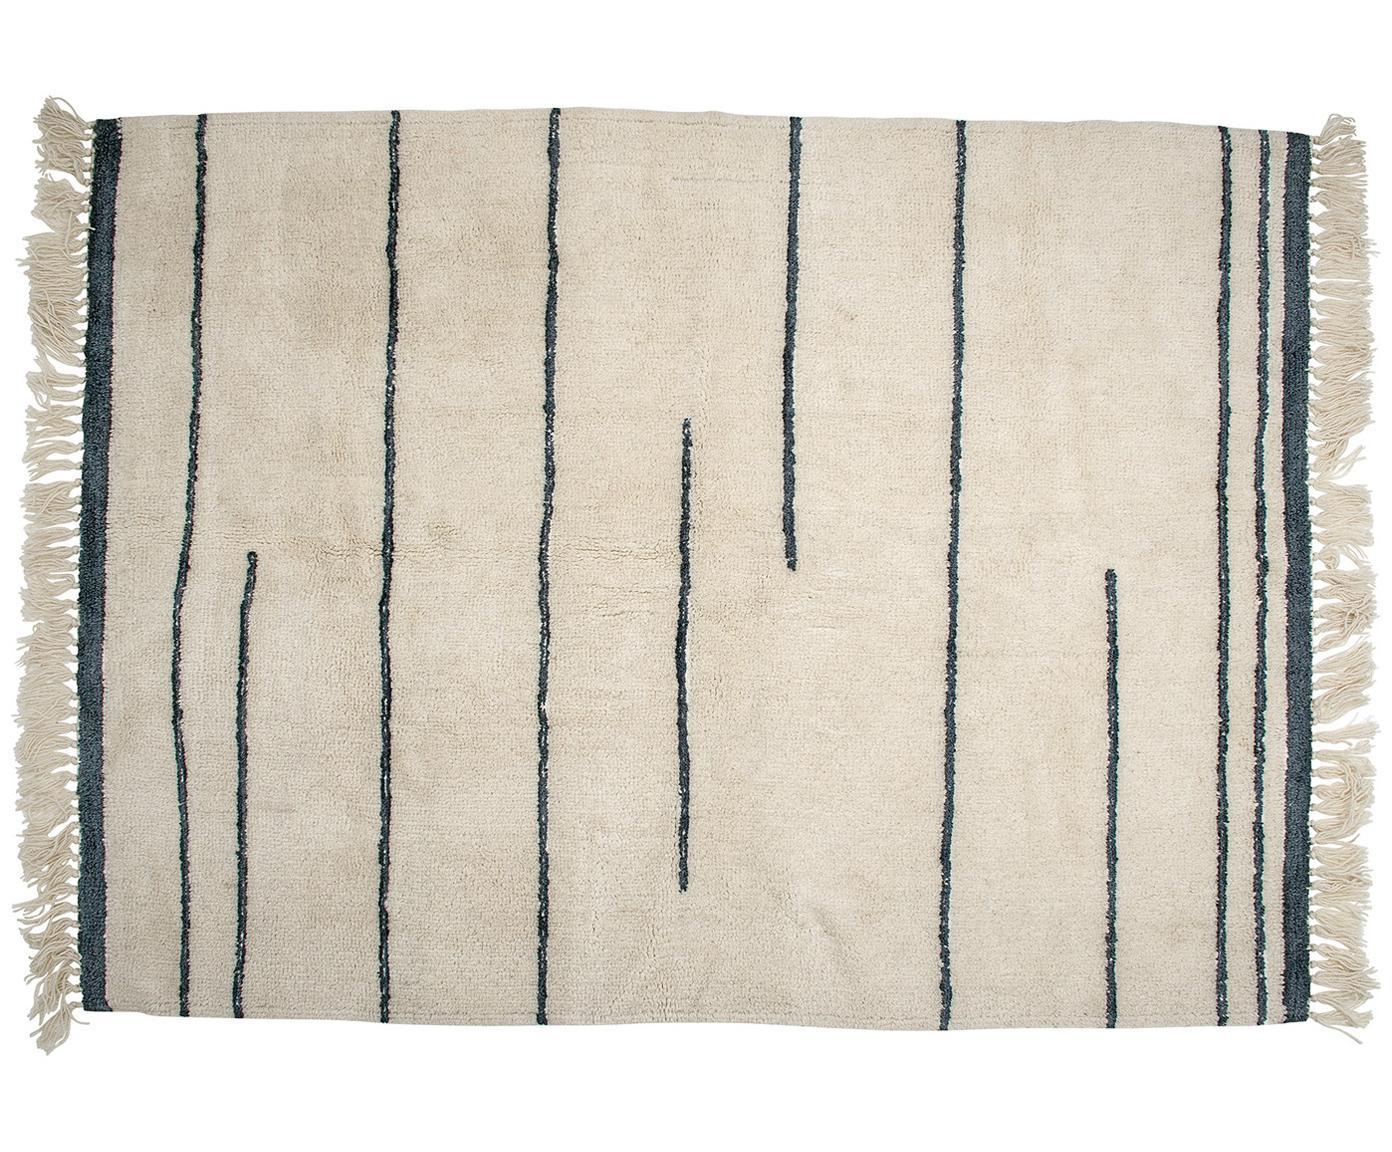 Wollteppich Nora in Beige/Grau mit Fransen, Beige, Anthrazit, B 140 x L 200 cm (Grösse S)